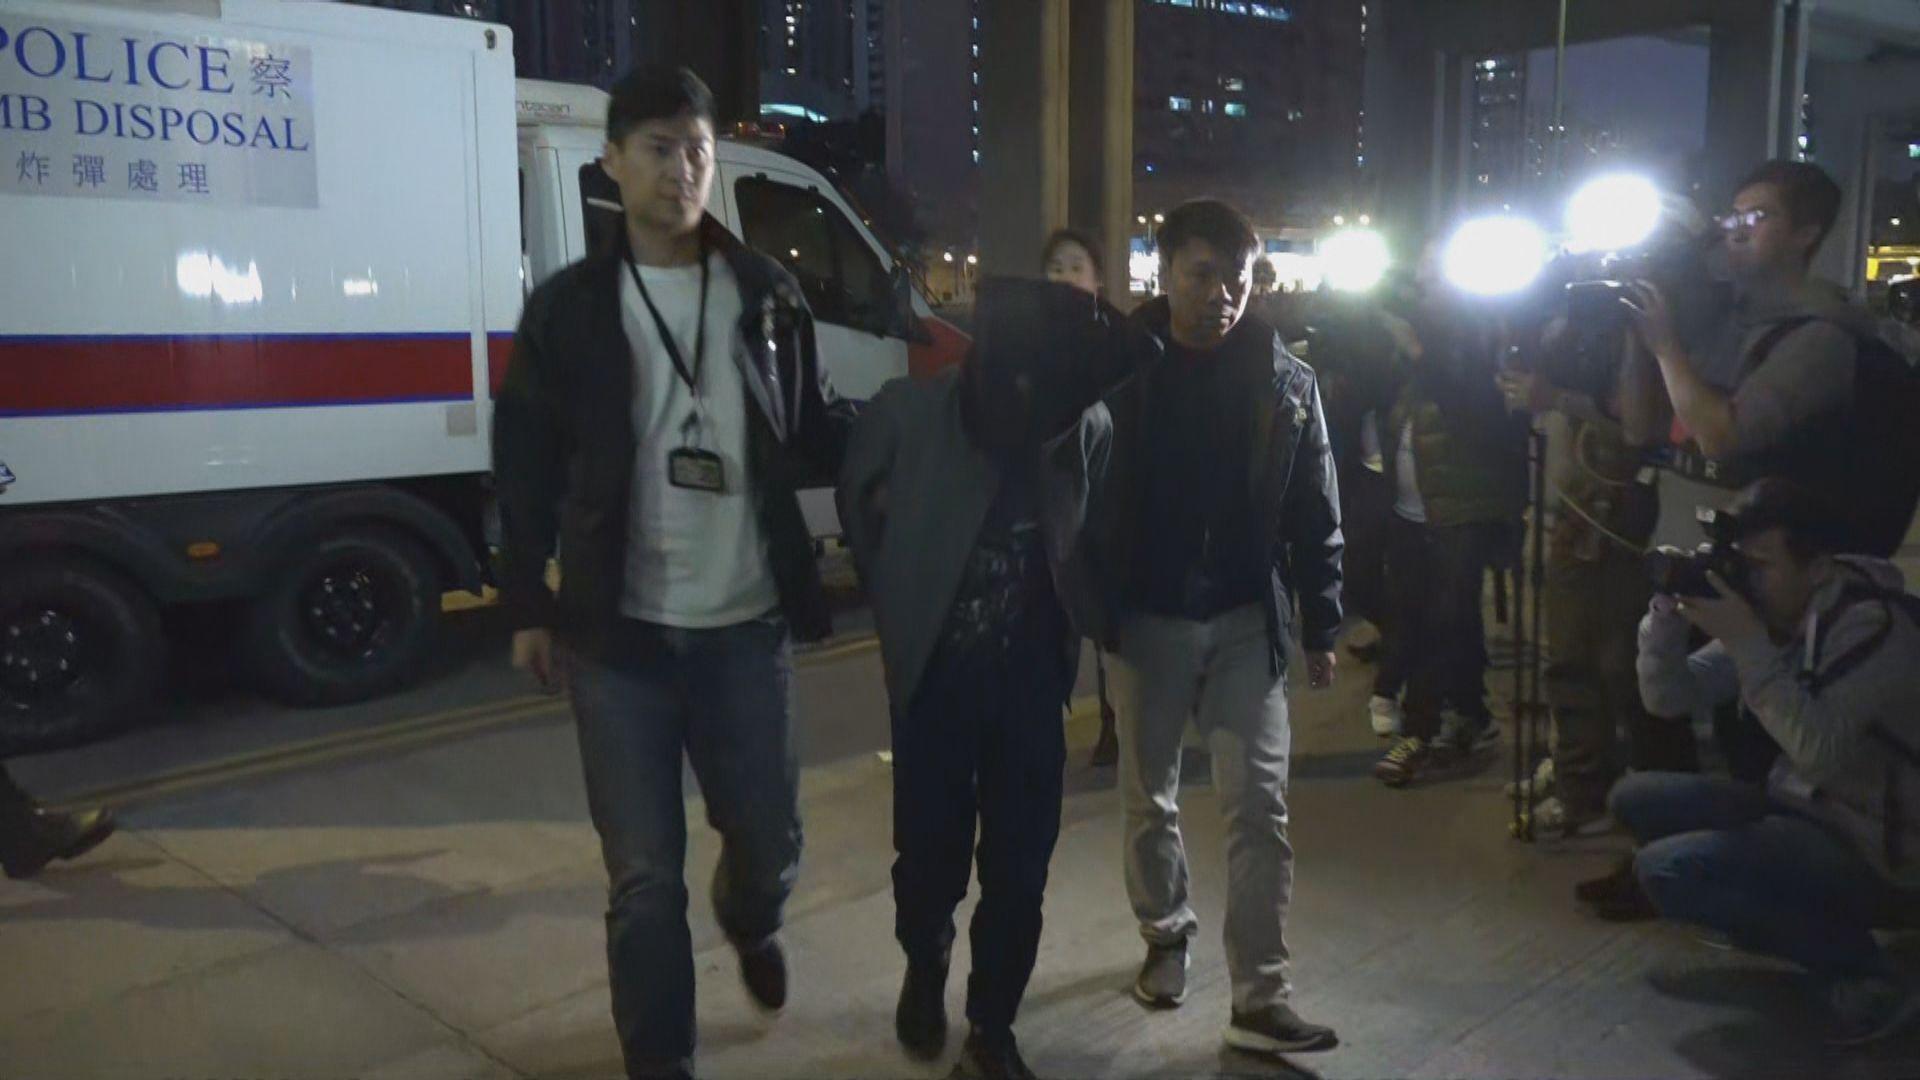 警拘三男涉試驗遙控爆炸裝置 消息指一人是實驗室助理